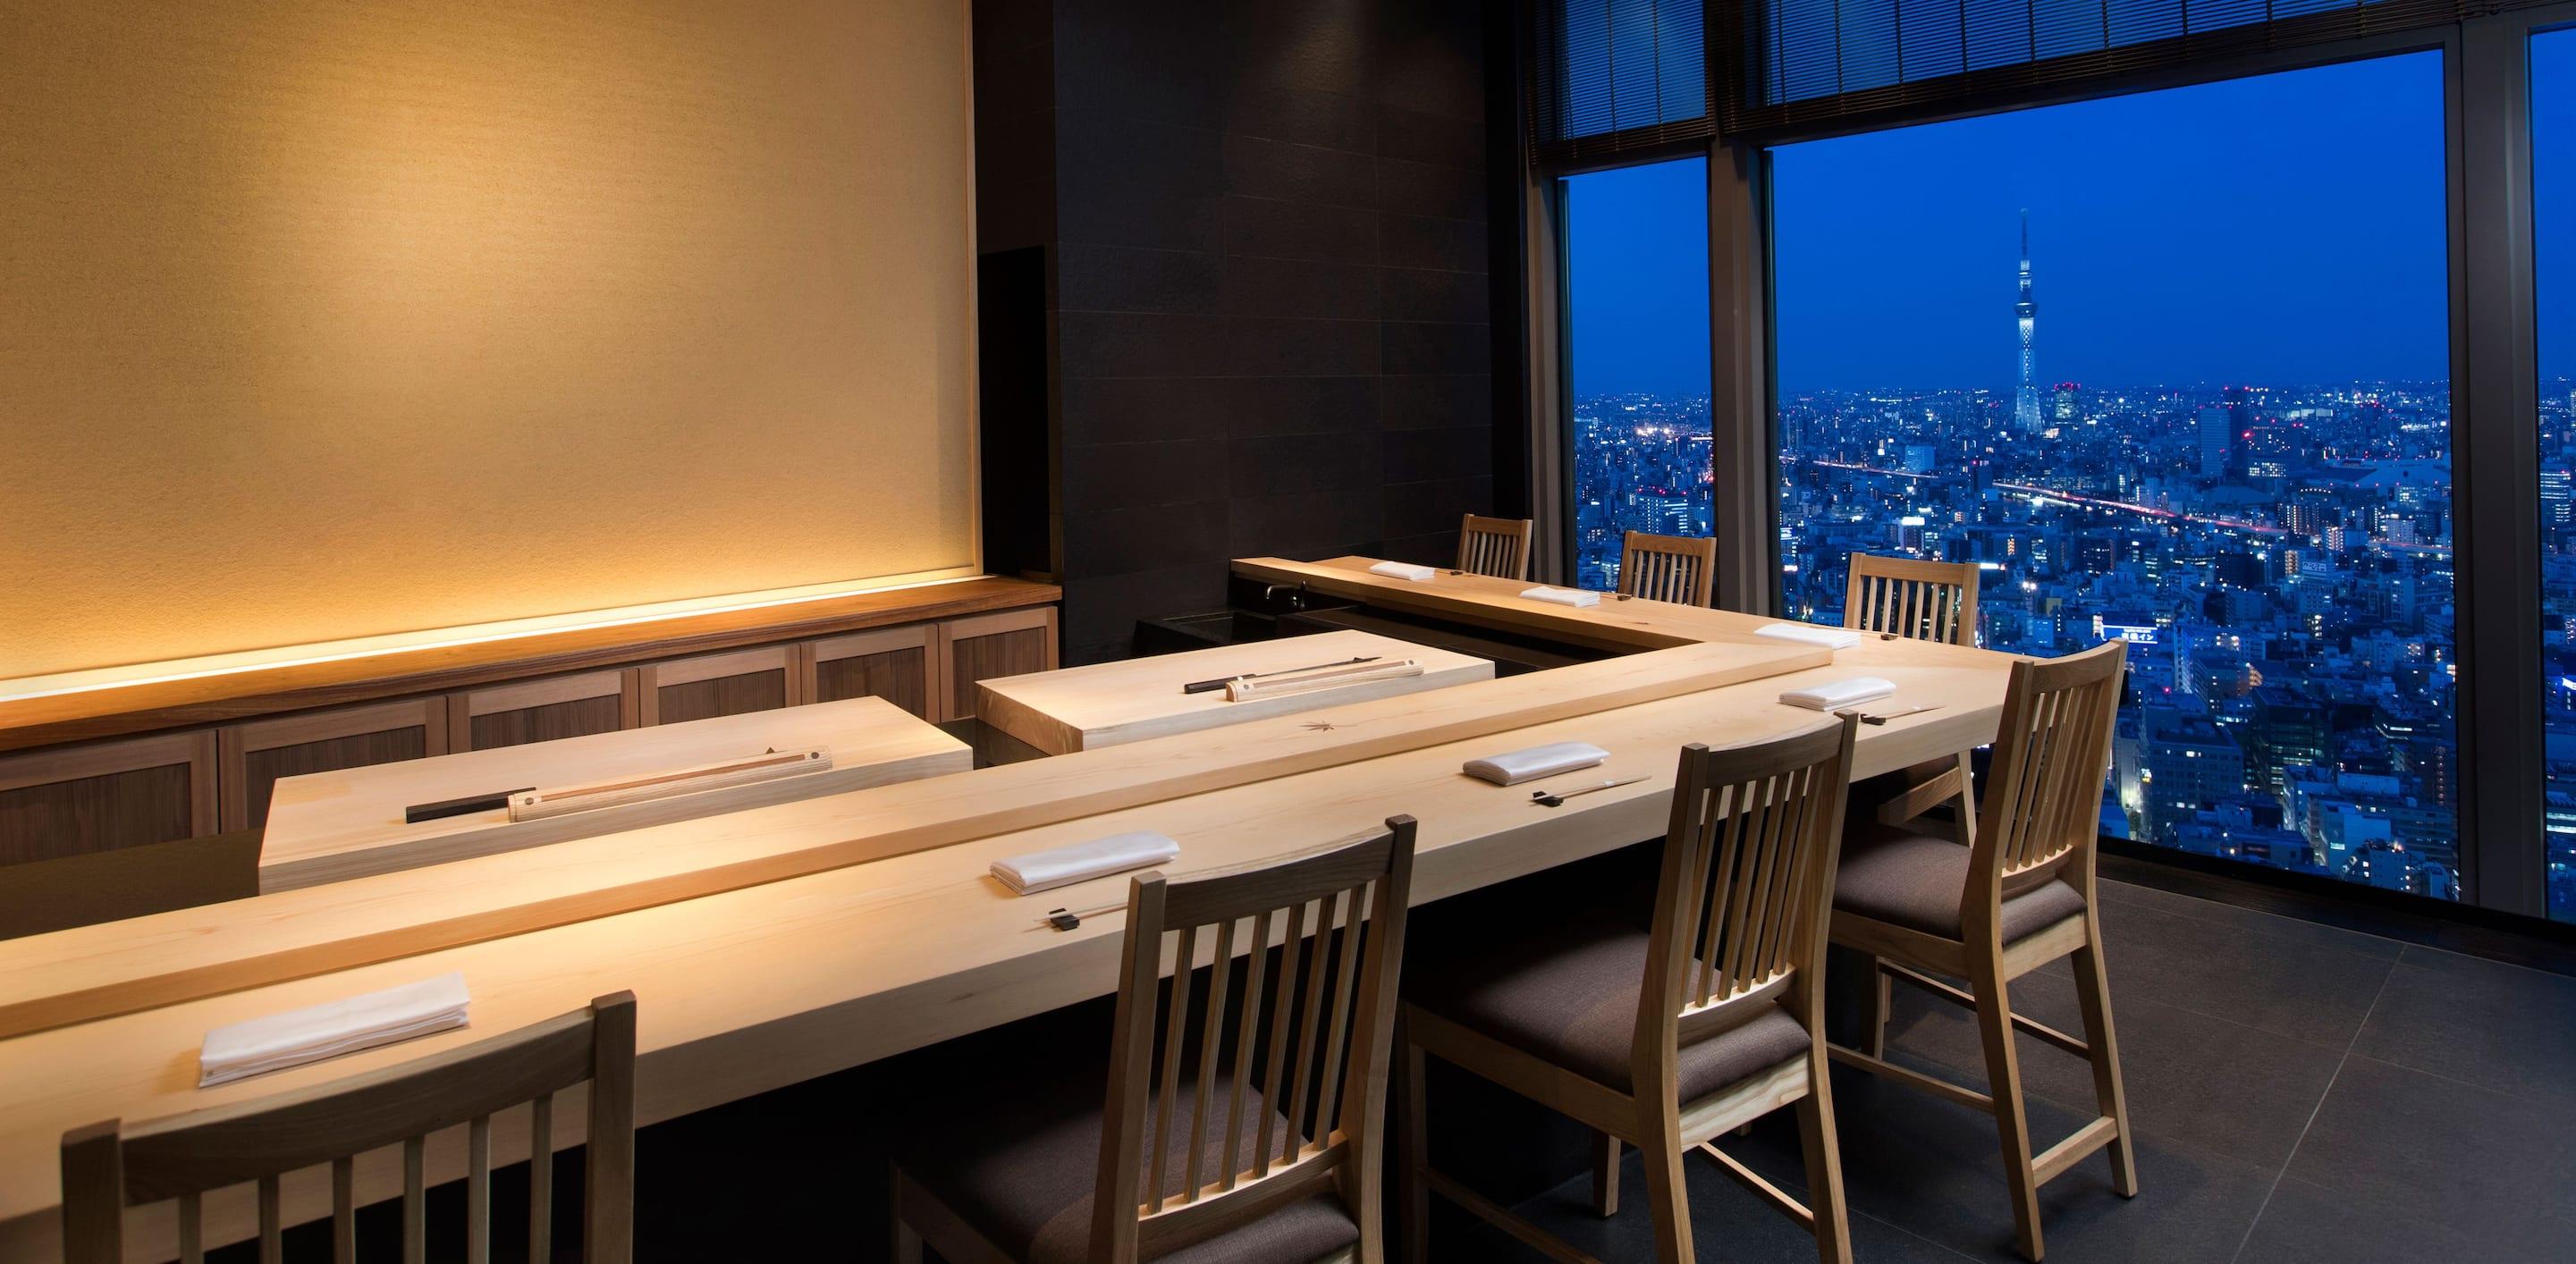 記念日 ディナー マンダリンオリエンタル 鮨 心 宮川 スカイツリー 夜景 カウンター